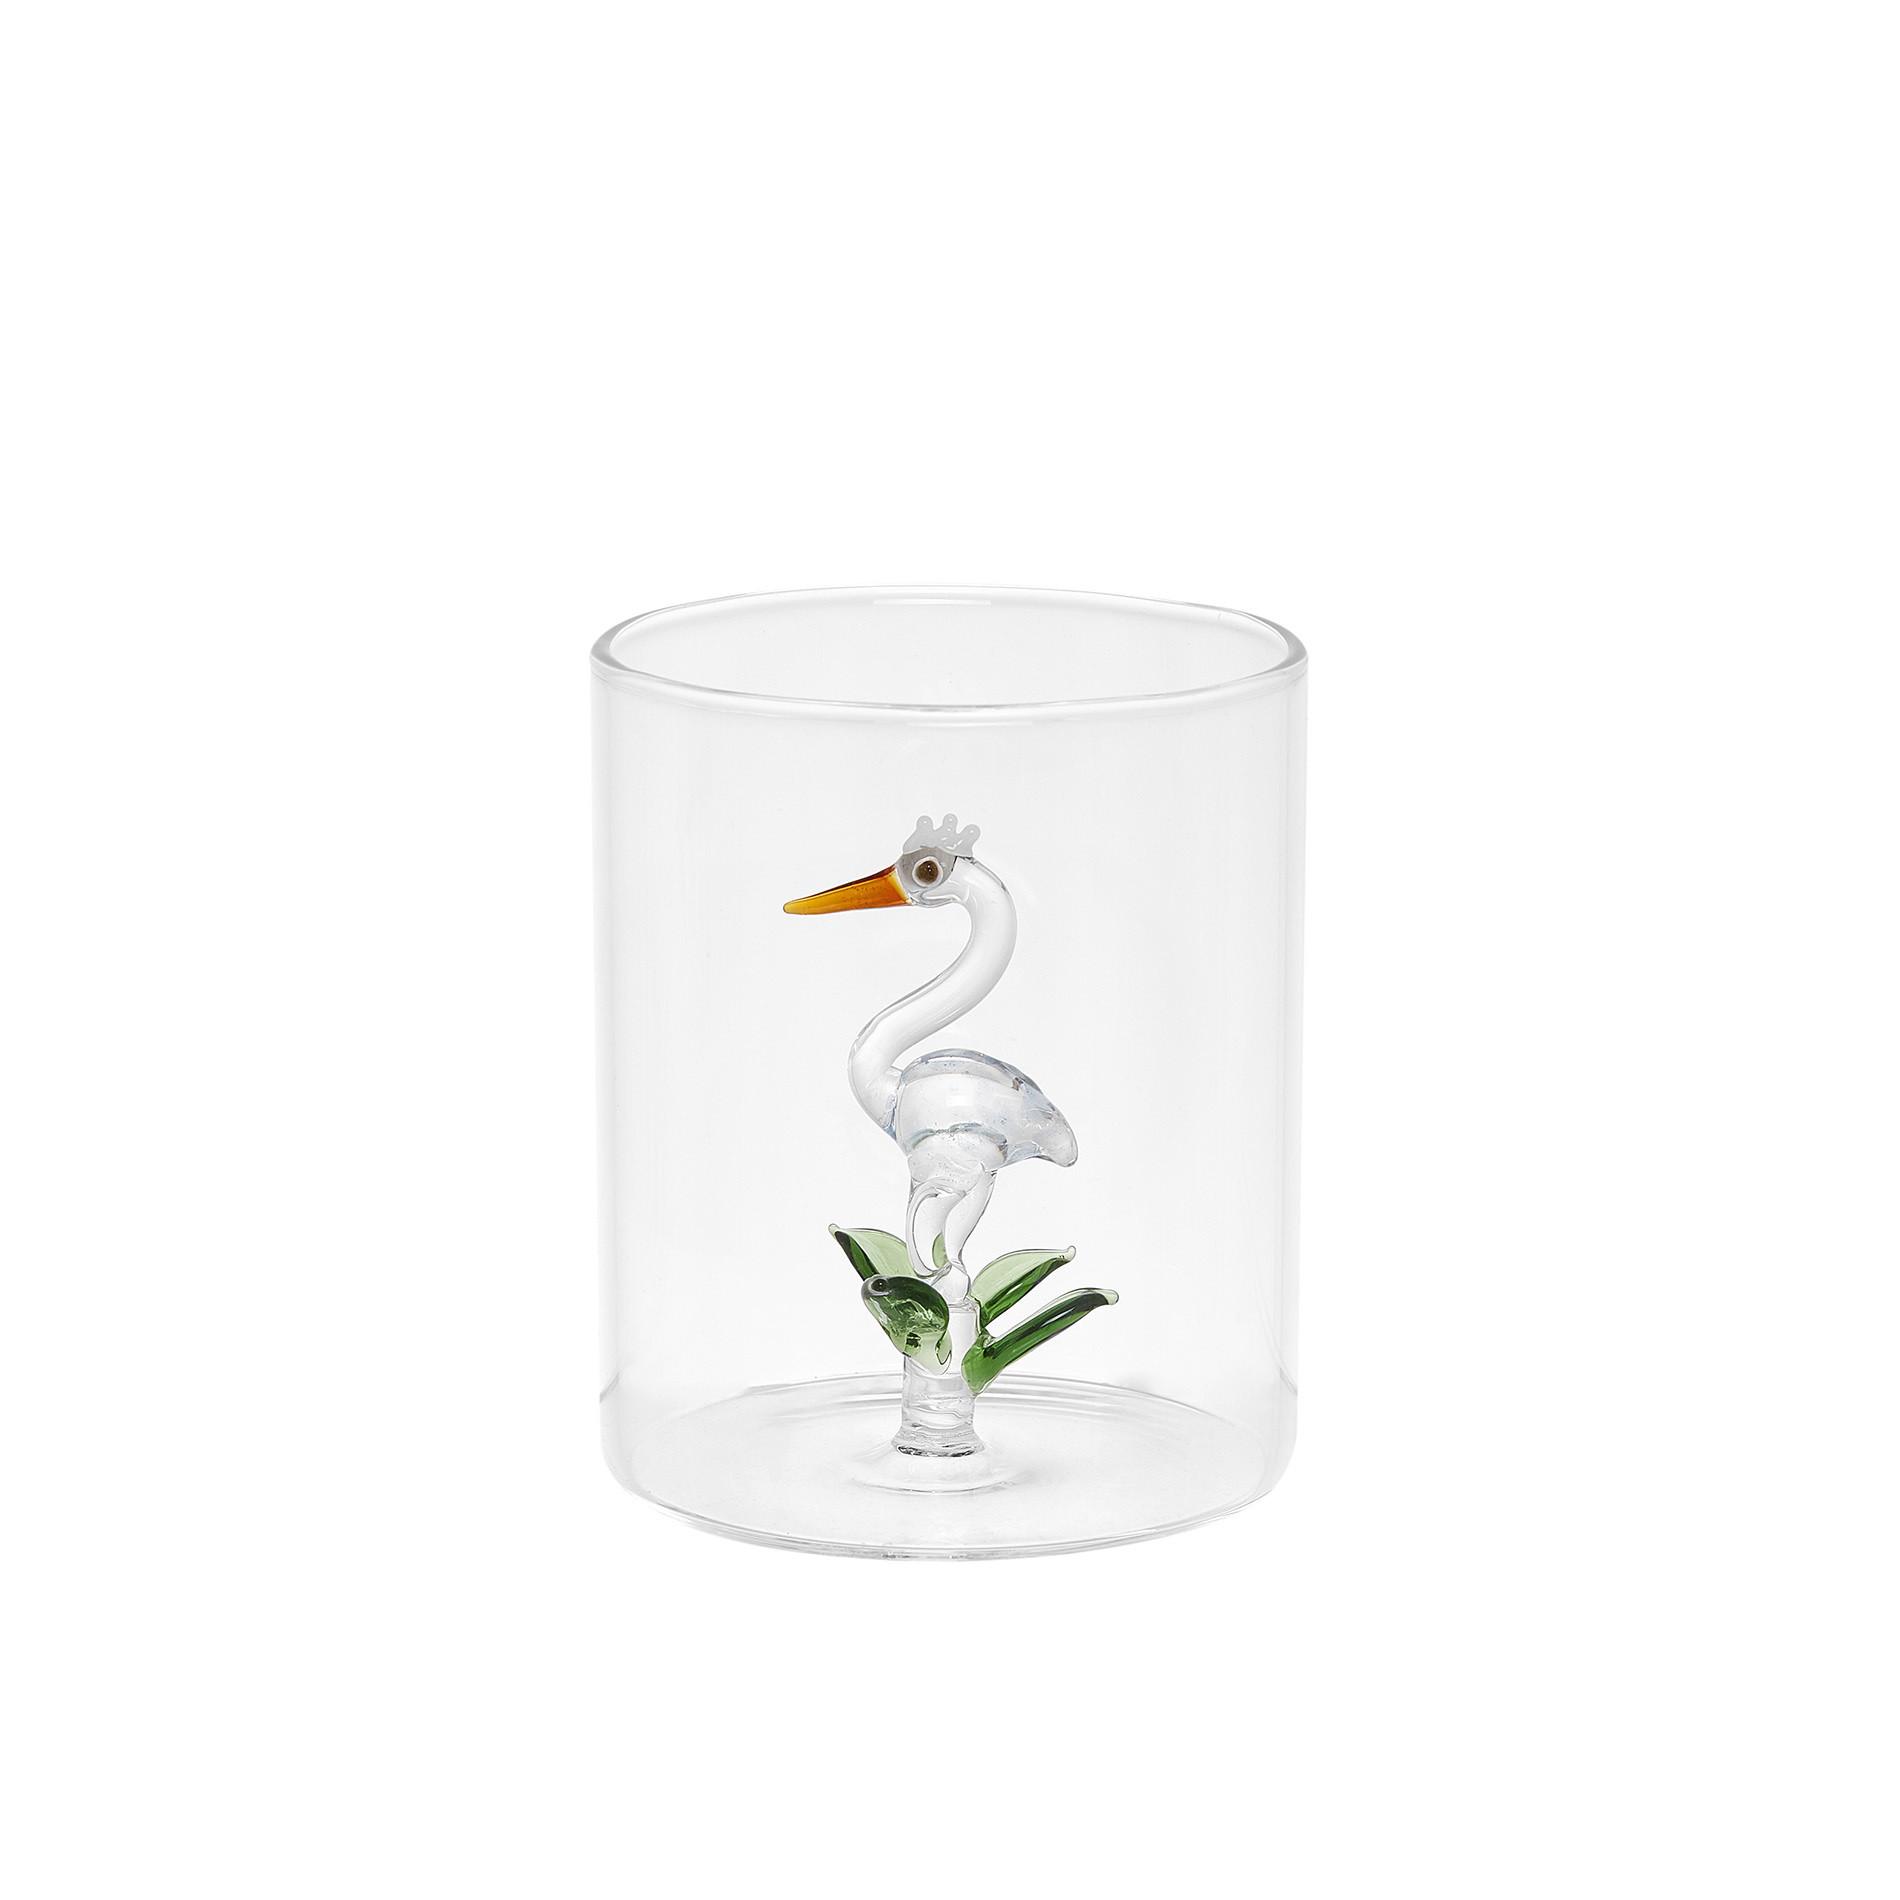 Bicchiere vetro dettaglio airone, Trasparente, large image number 0